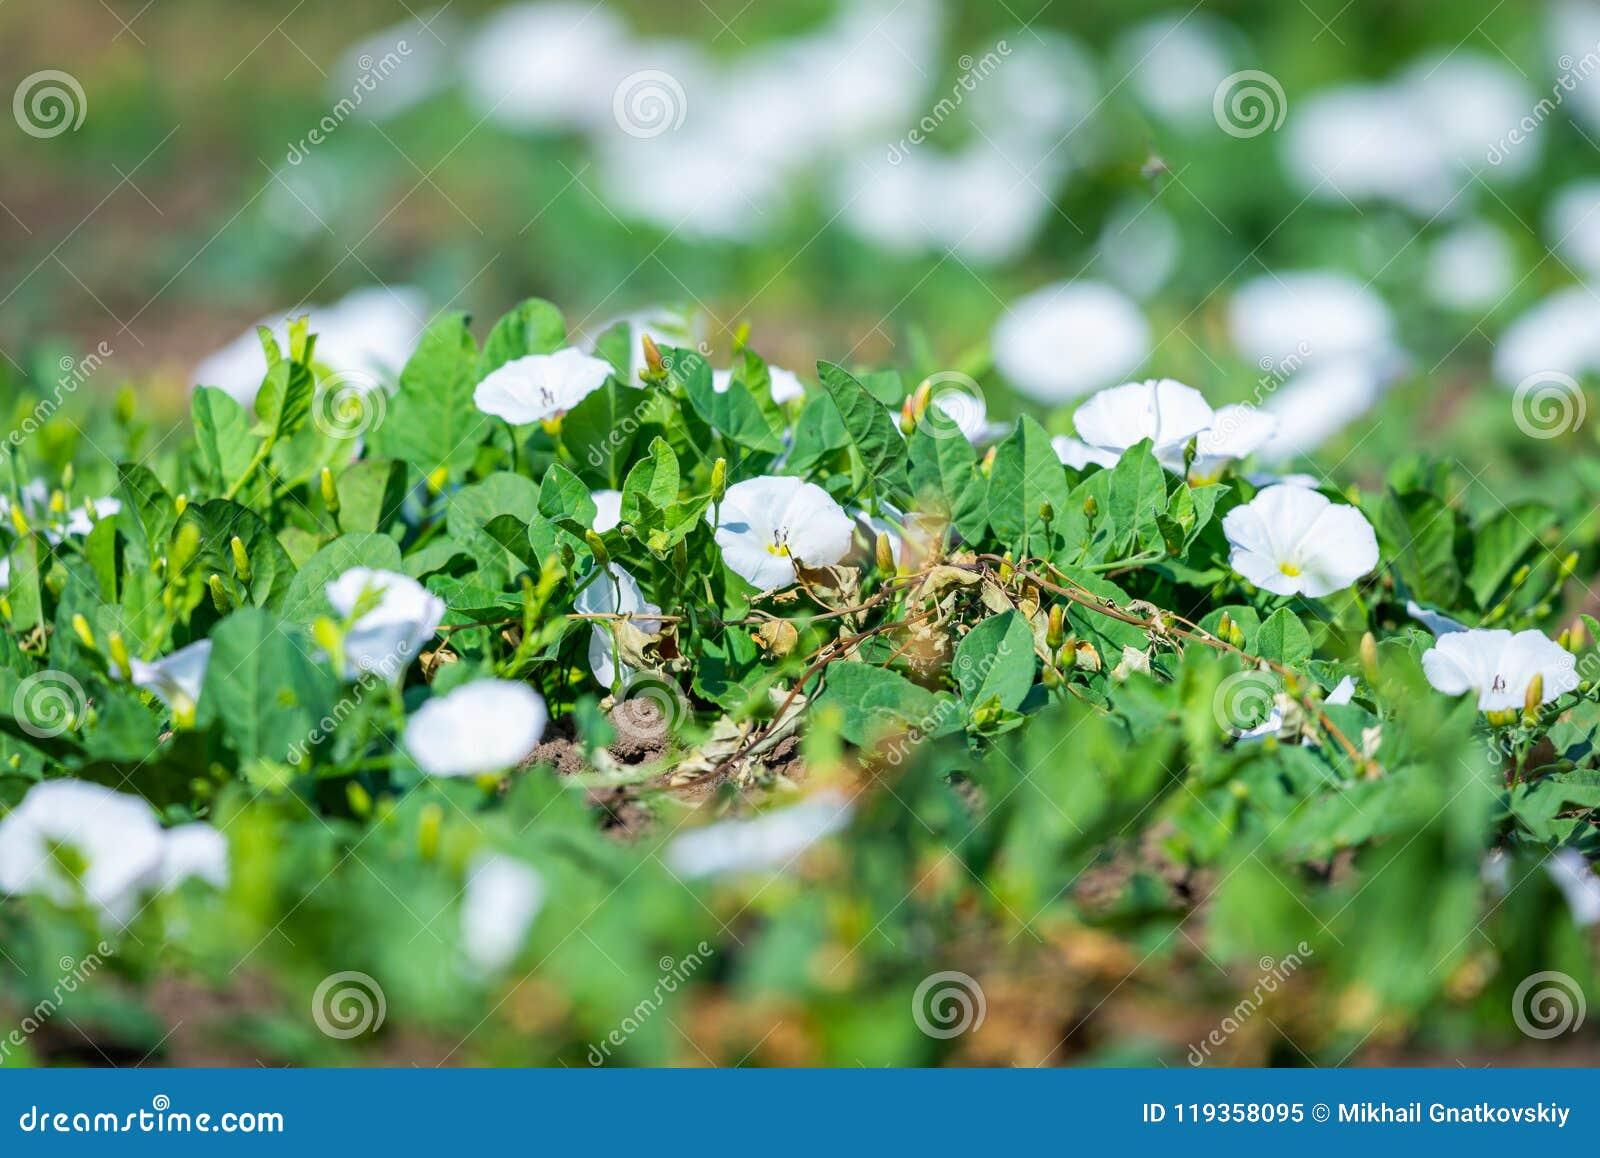 Flowering Field Bindweed Or Convolvulus Arvensis White Flowers